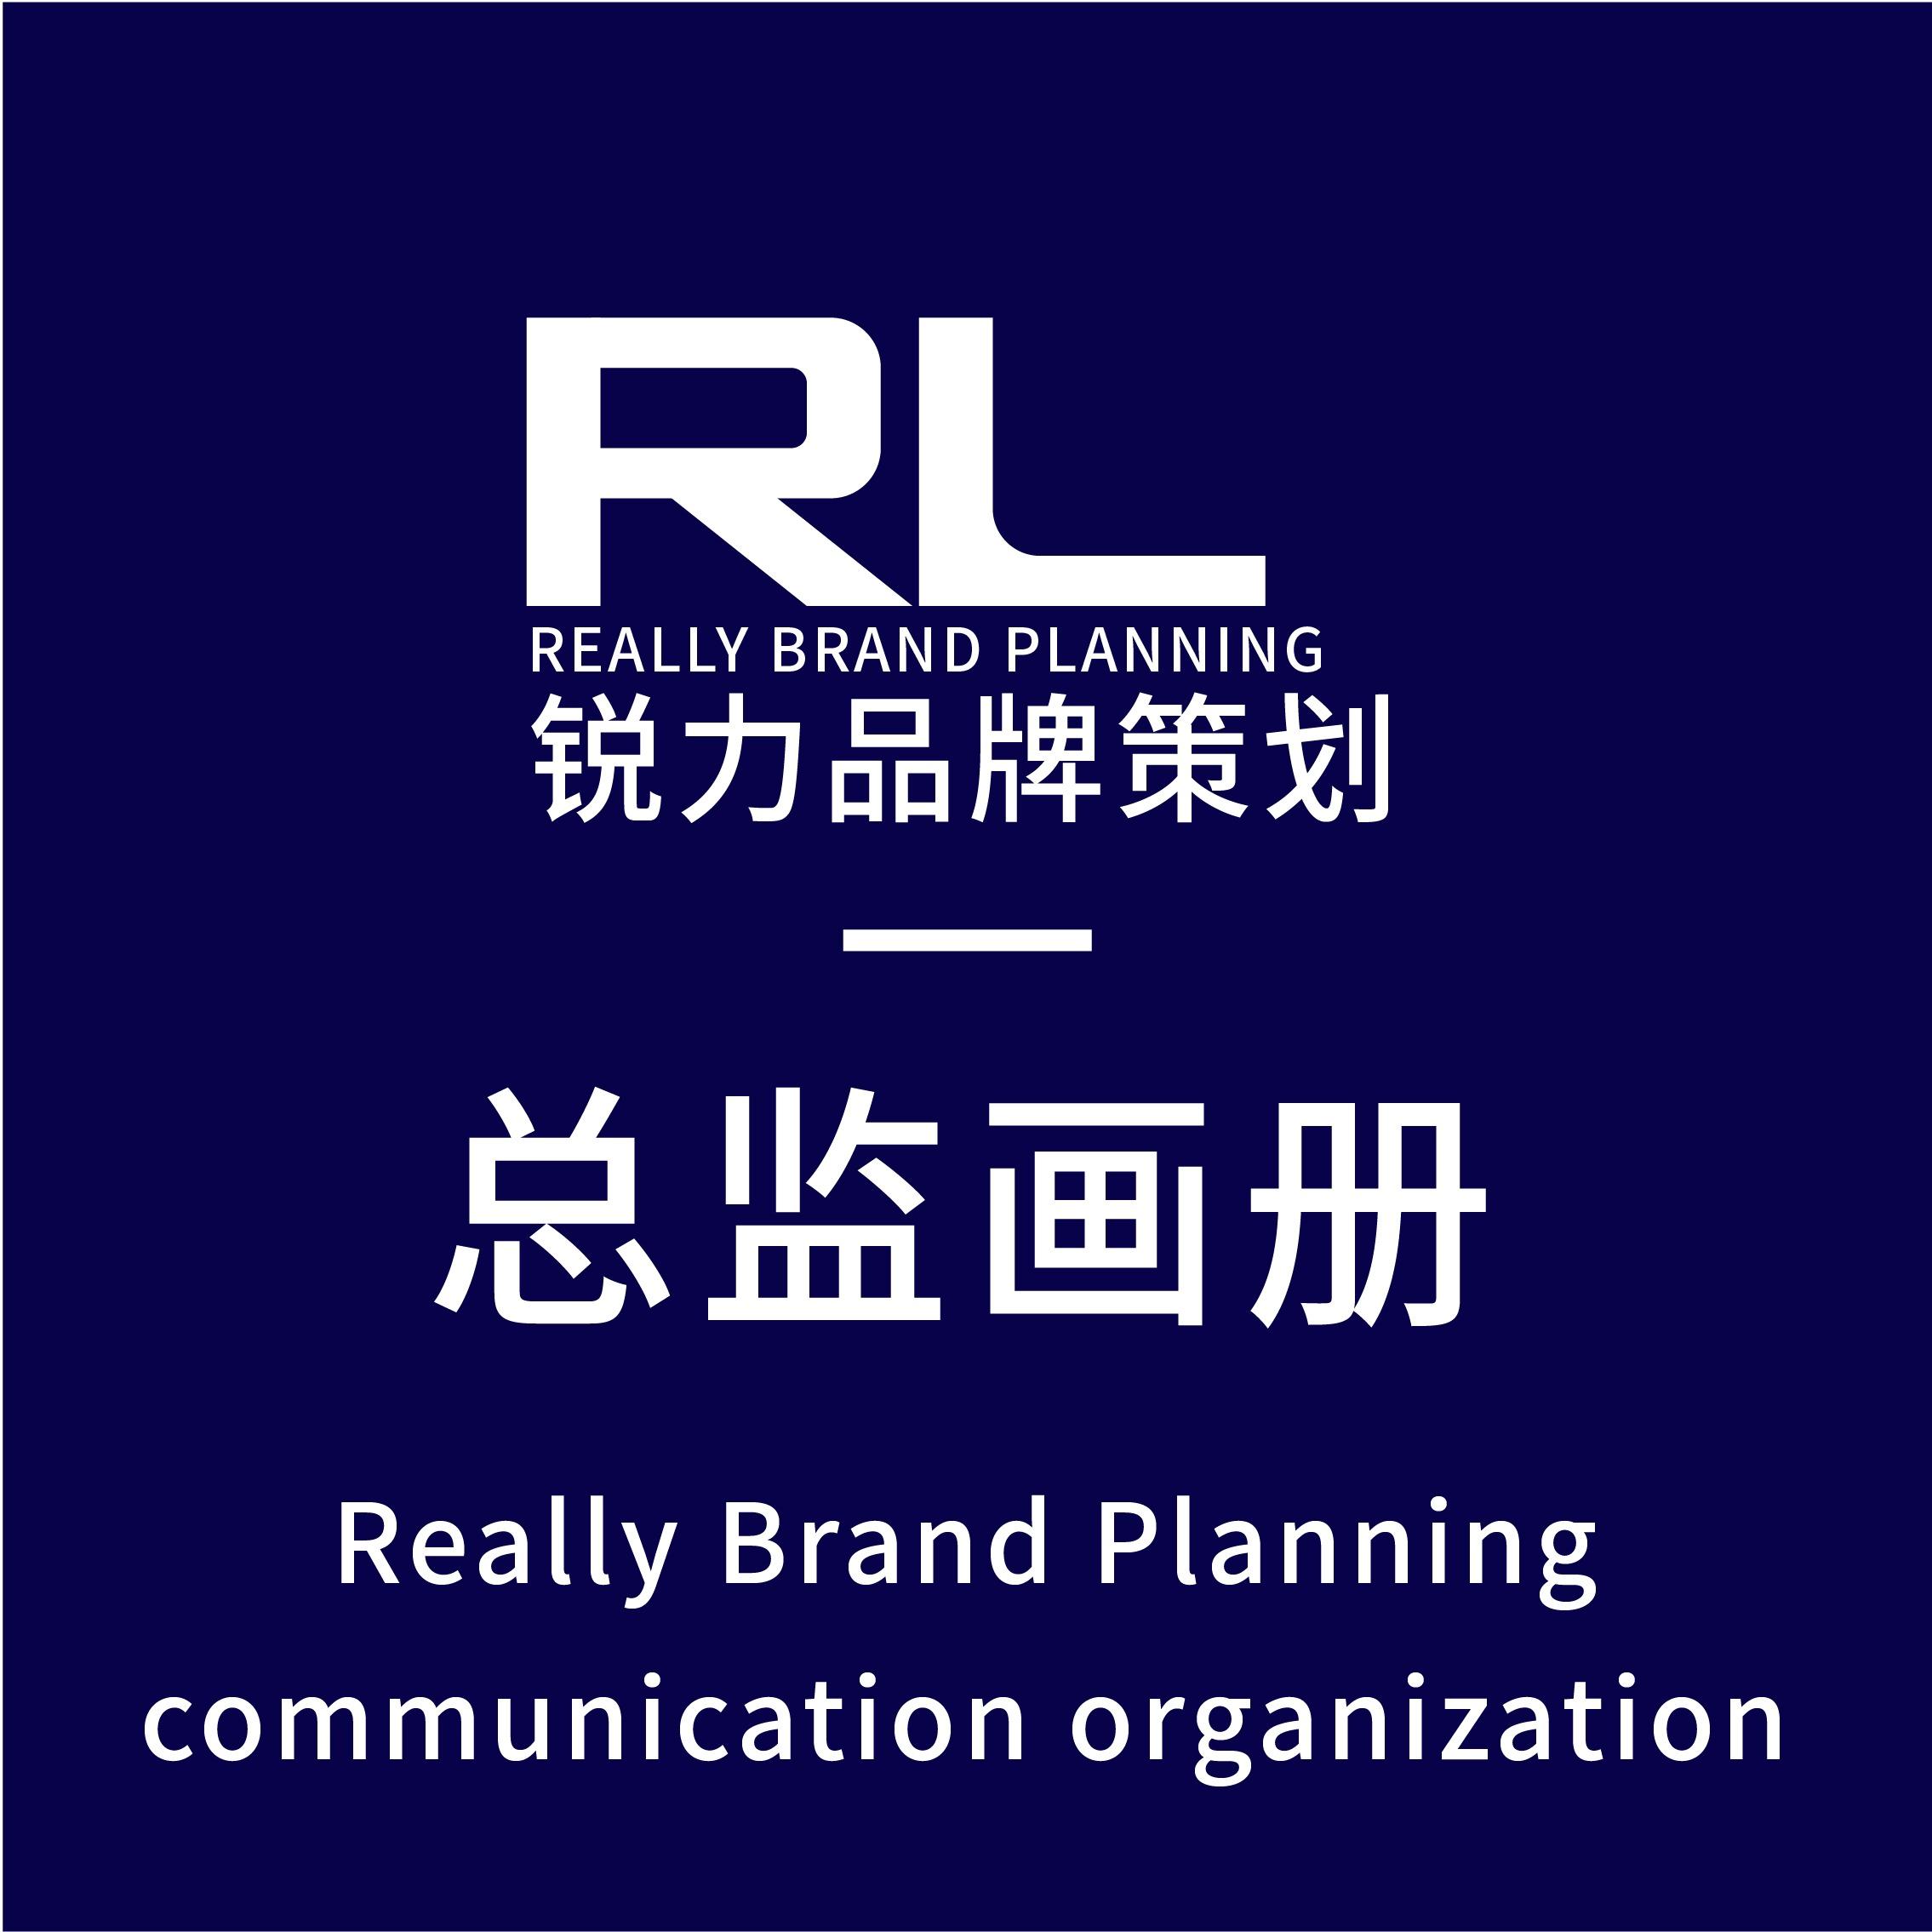 【总监画册】企业画册设计广告设计产品画册产品目录宣传图册册子